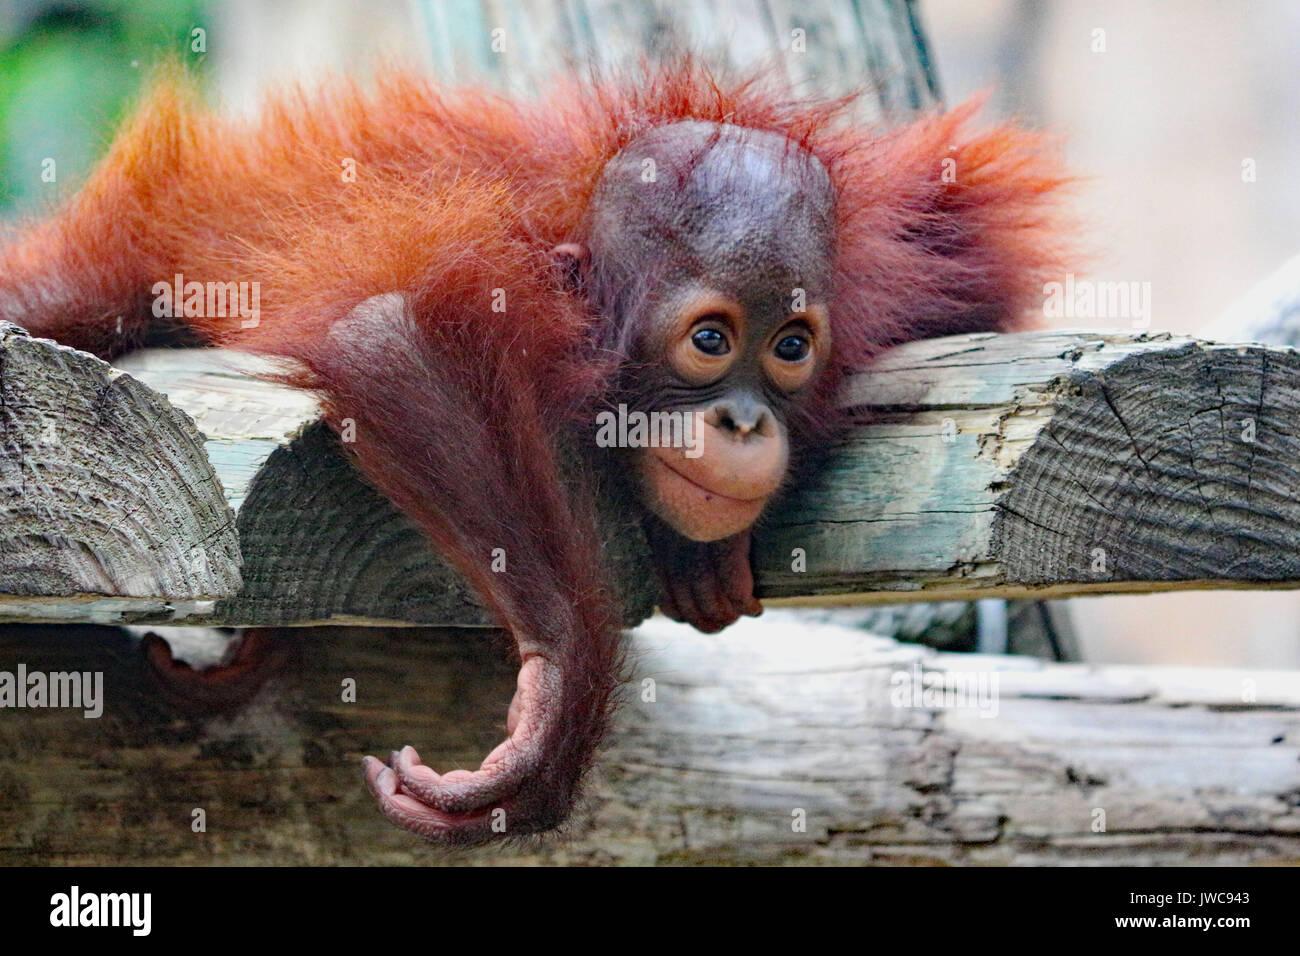 Ein Baby Orangutan spielen um auf einem primas Plattform. Stockfoto